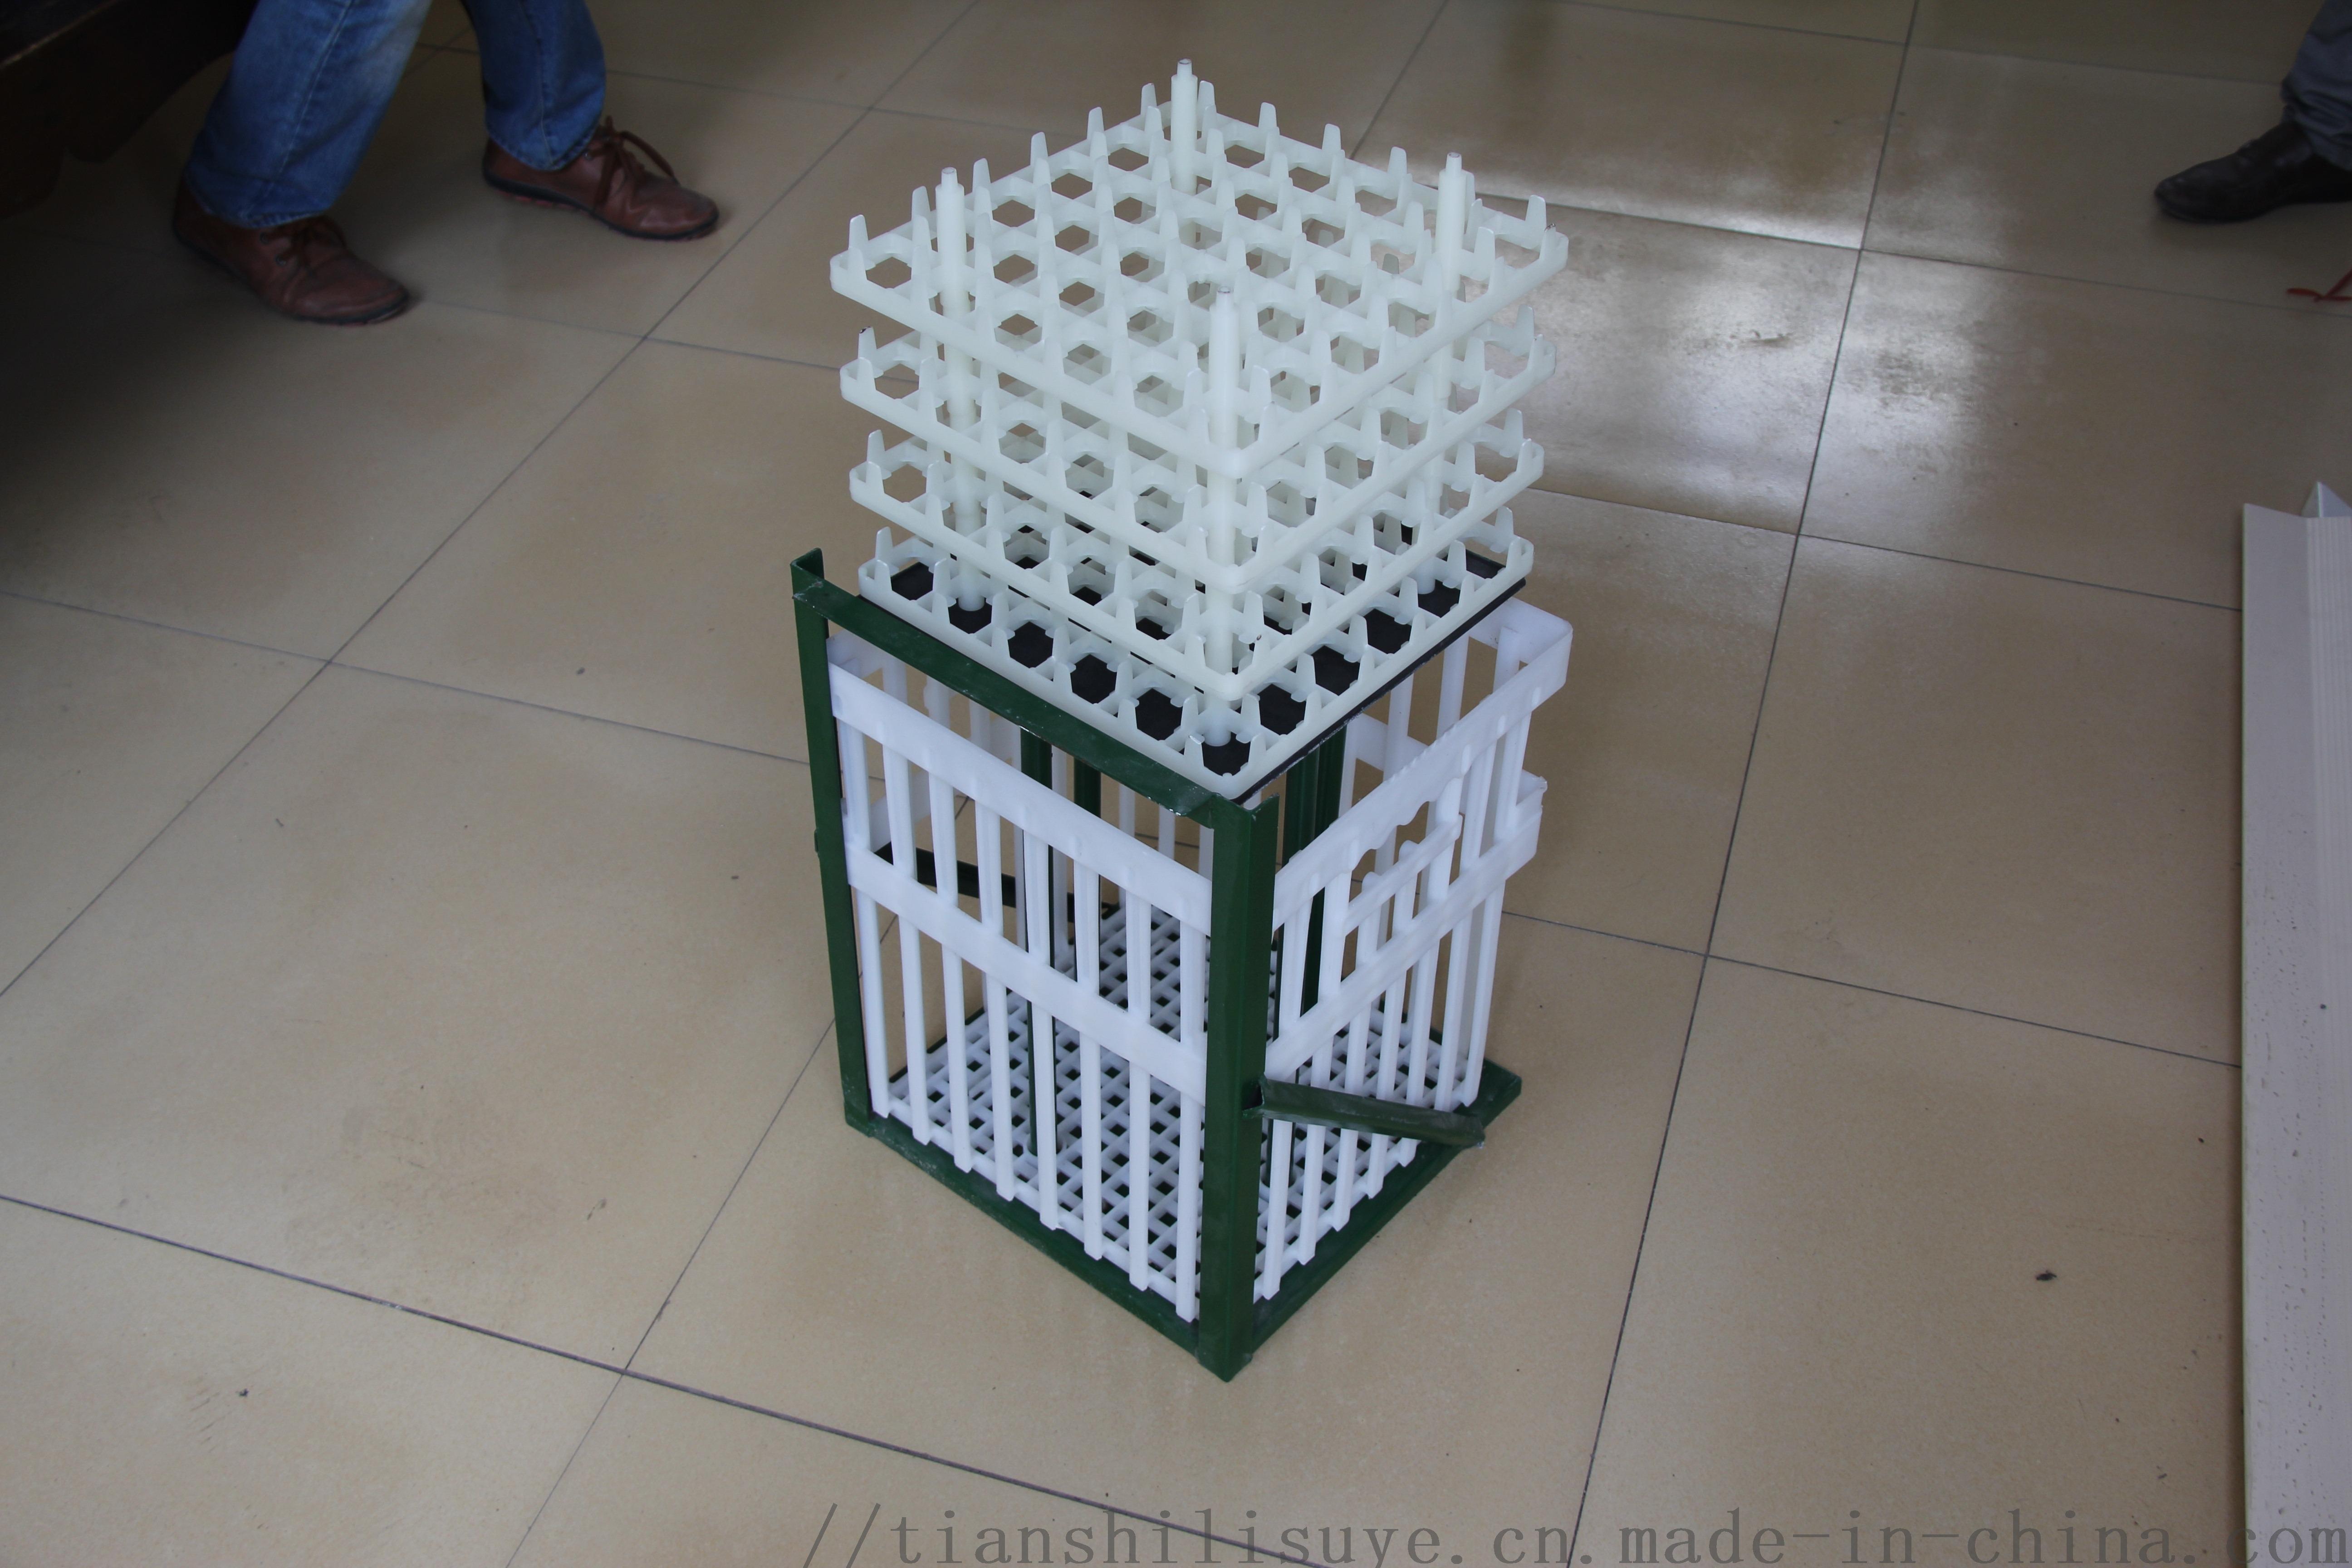 种蛋塑料运输筐 塑料蛋筐 种蛋运输箱895911225